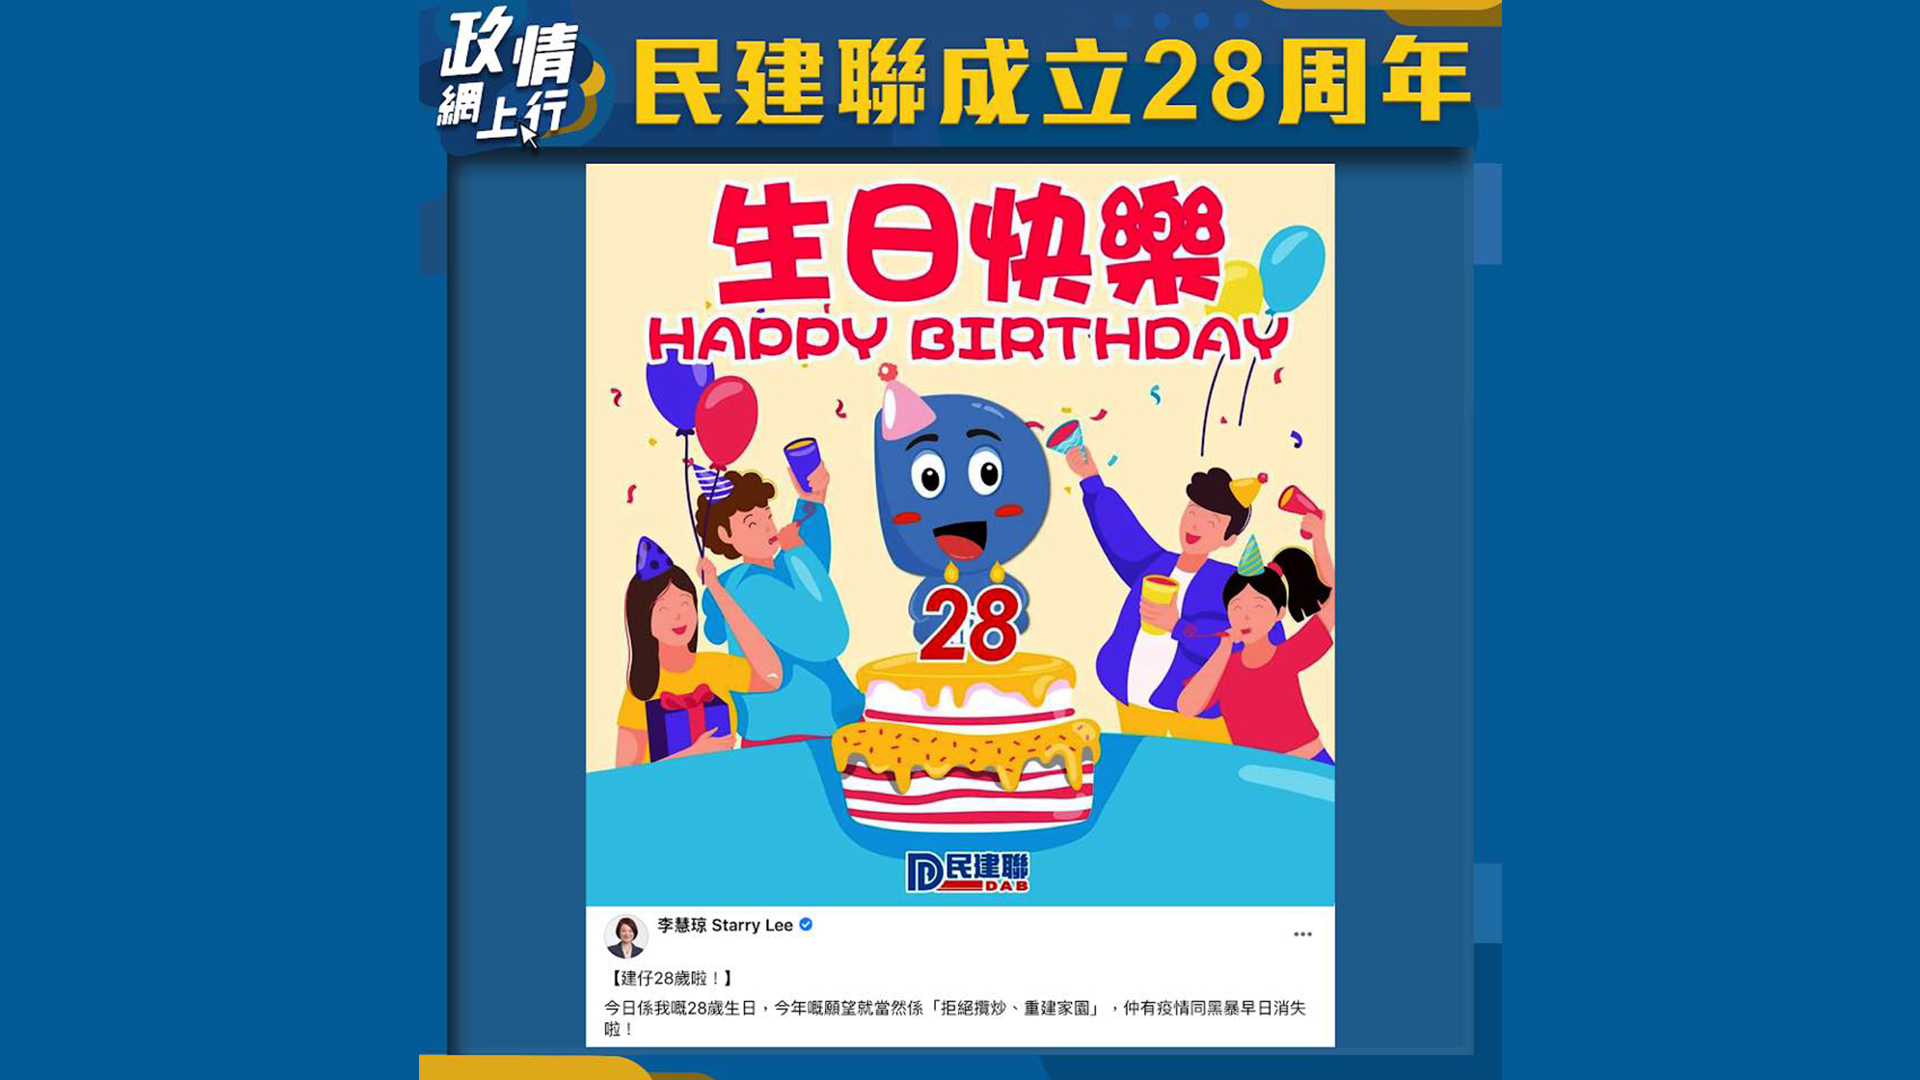 【政情網上行】民建聯成立28周年